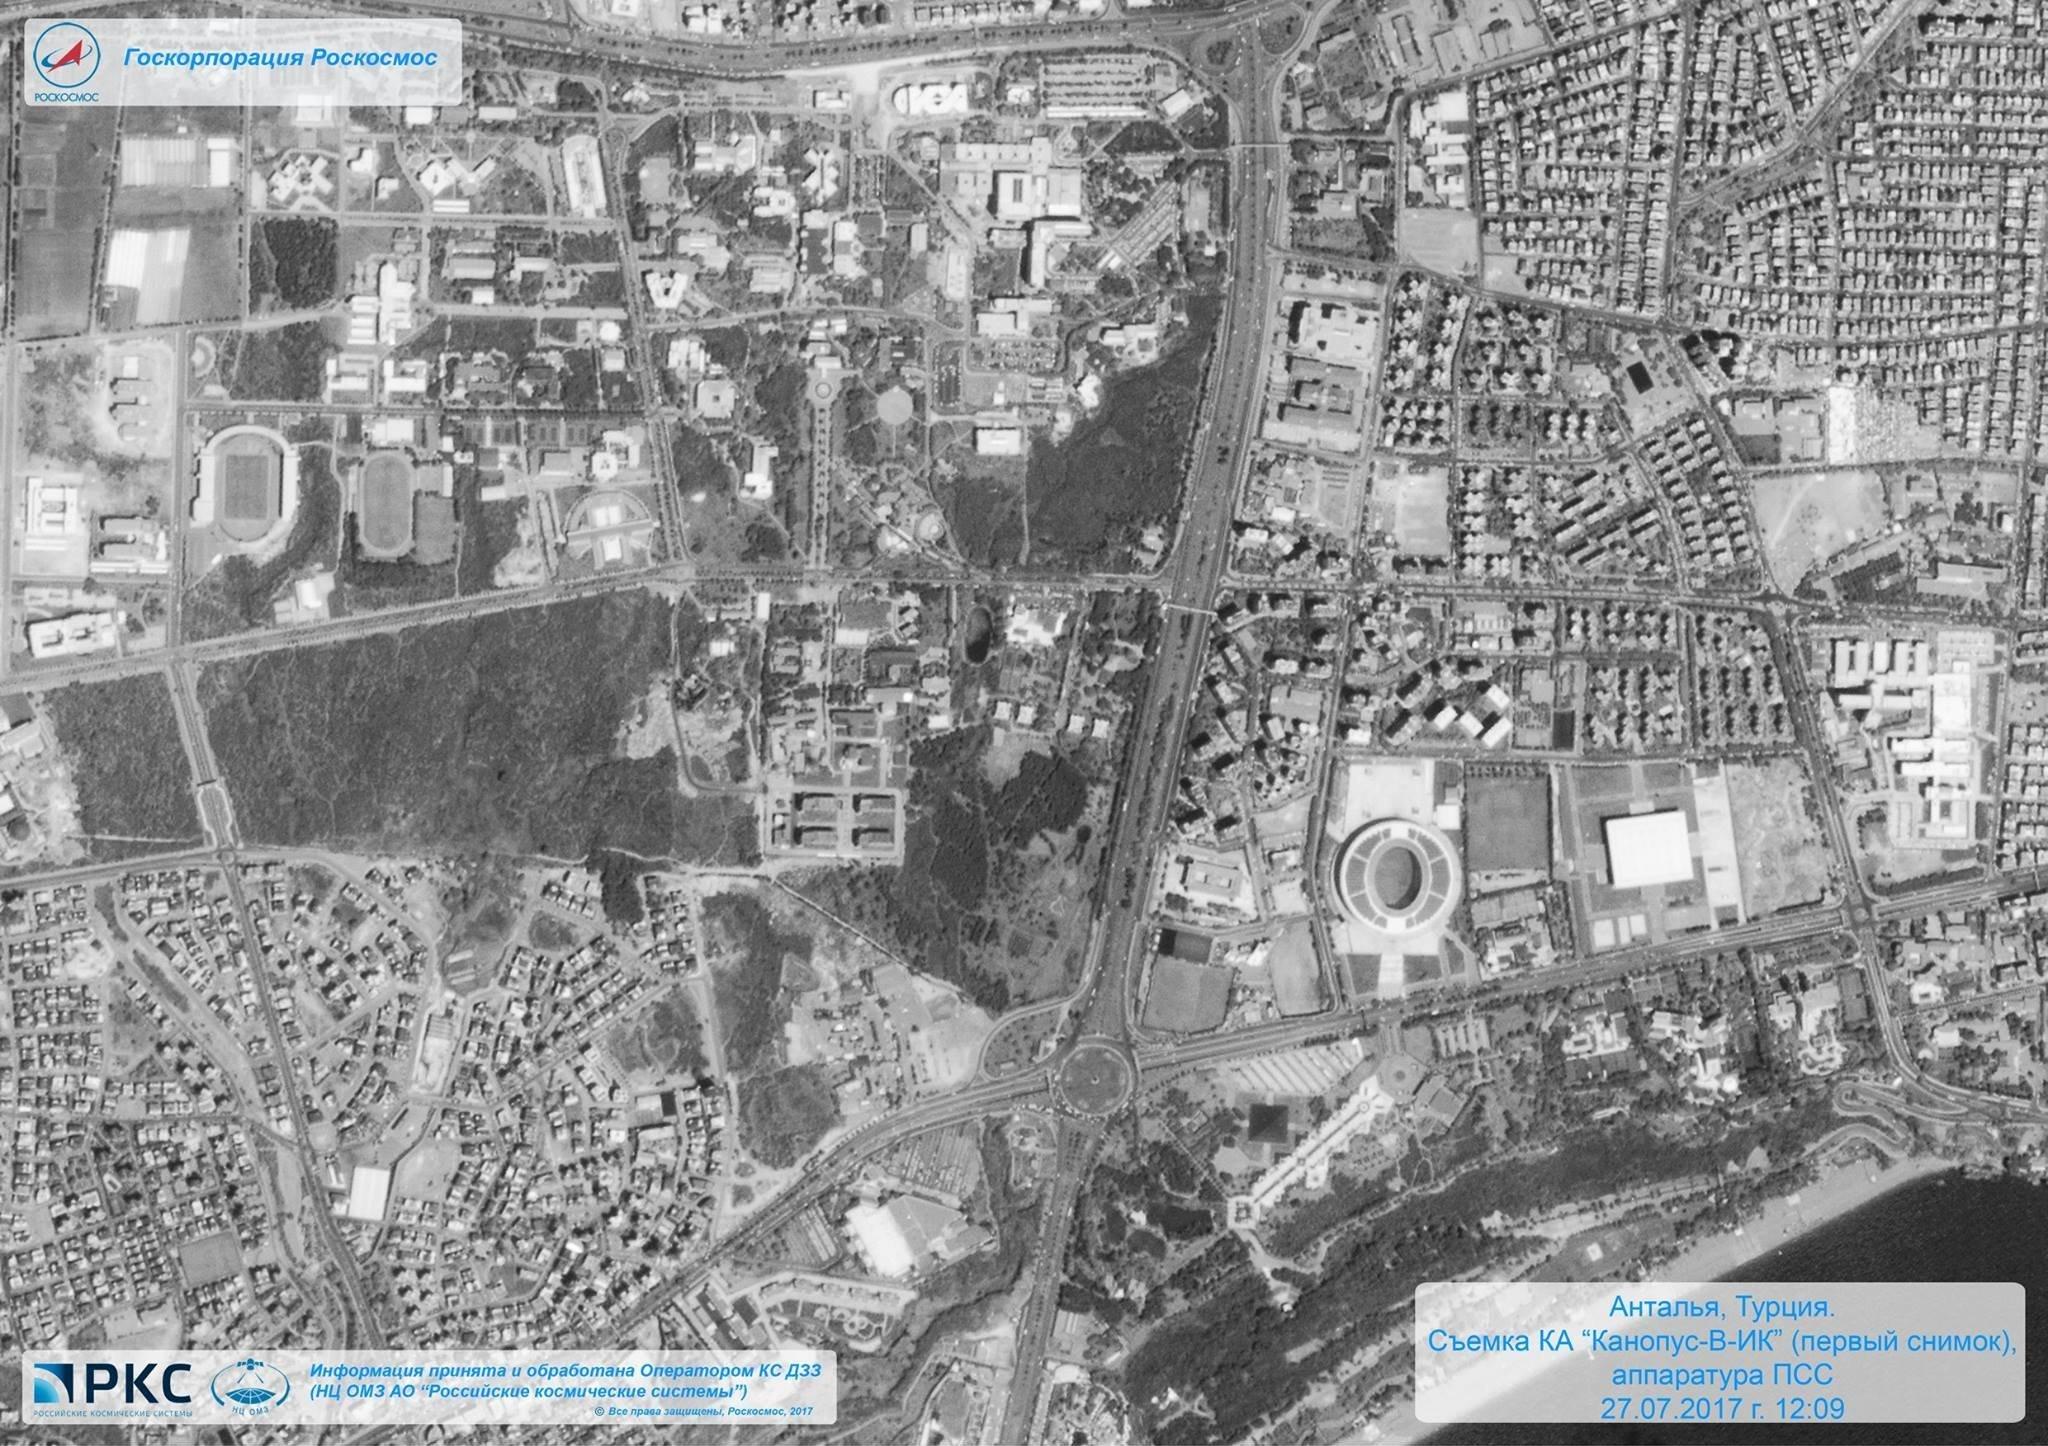 Antalya, en Turquía, vista el 27 de julio de 2017 por la cámara pancromática del satélite ruso Kanopus-V-IK